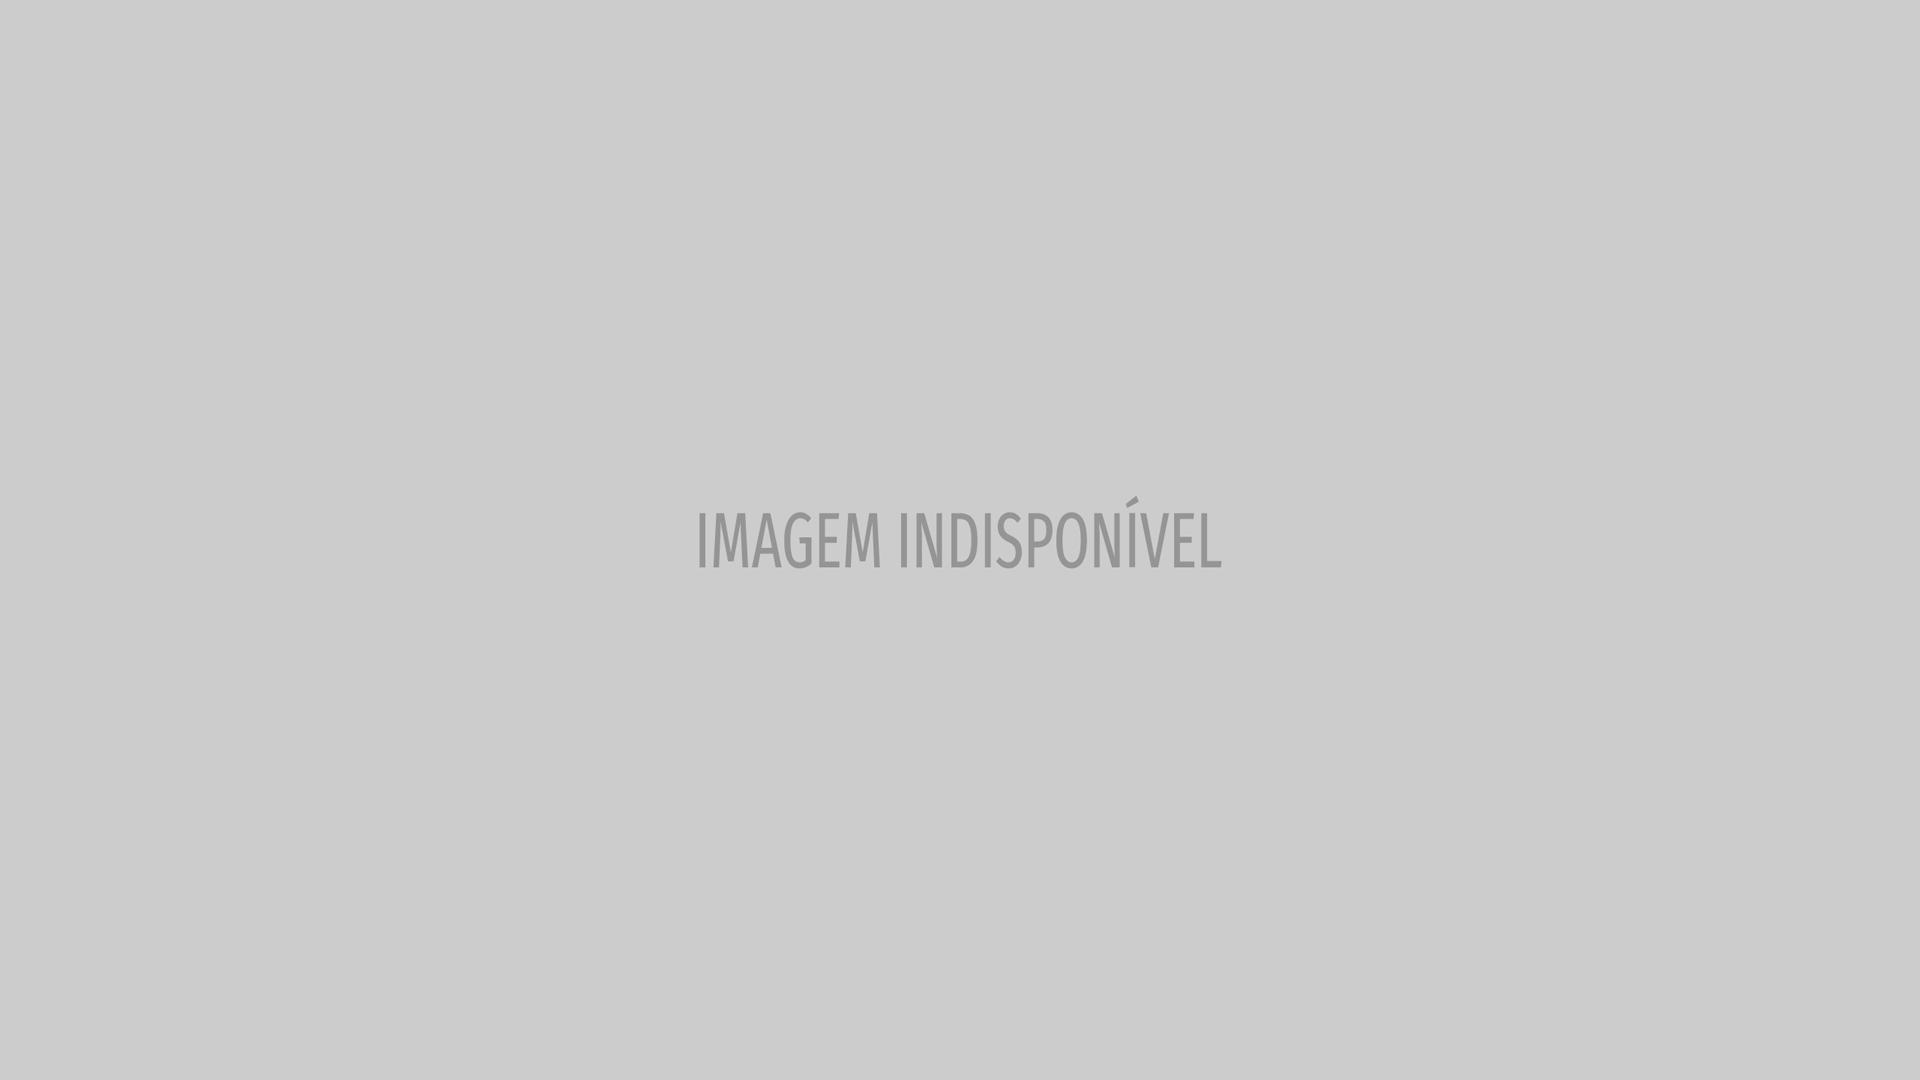 Pé frio, Vinicius Júnior posa com CR7 após derrota do Real Madrid